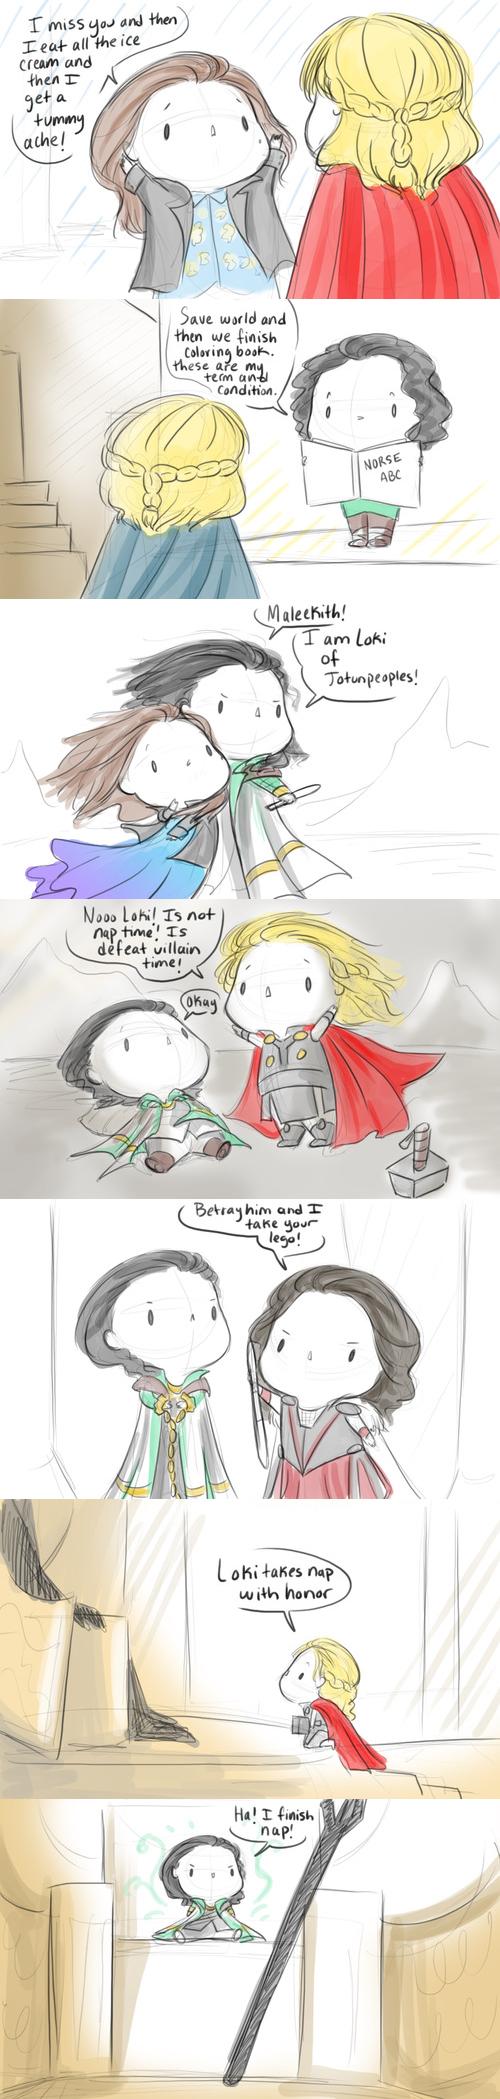 Thor 2!!! | marvel | Pinterest | Thor